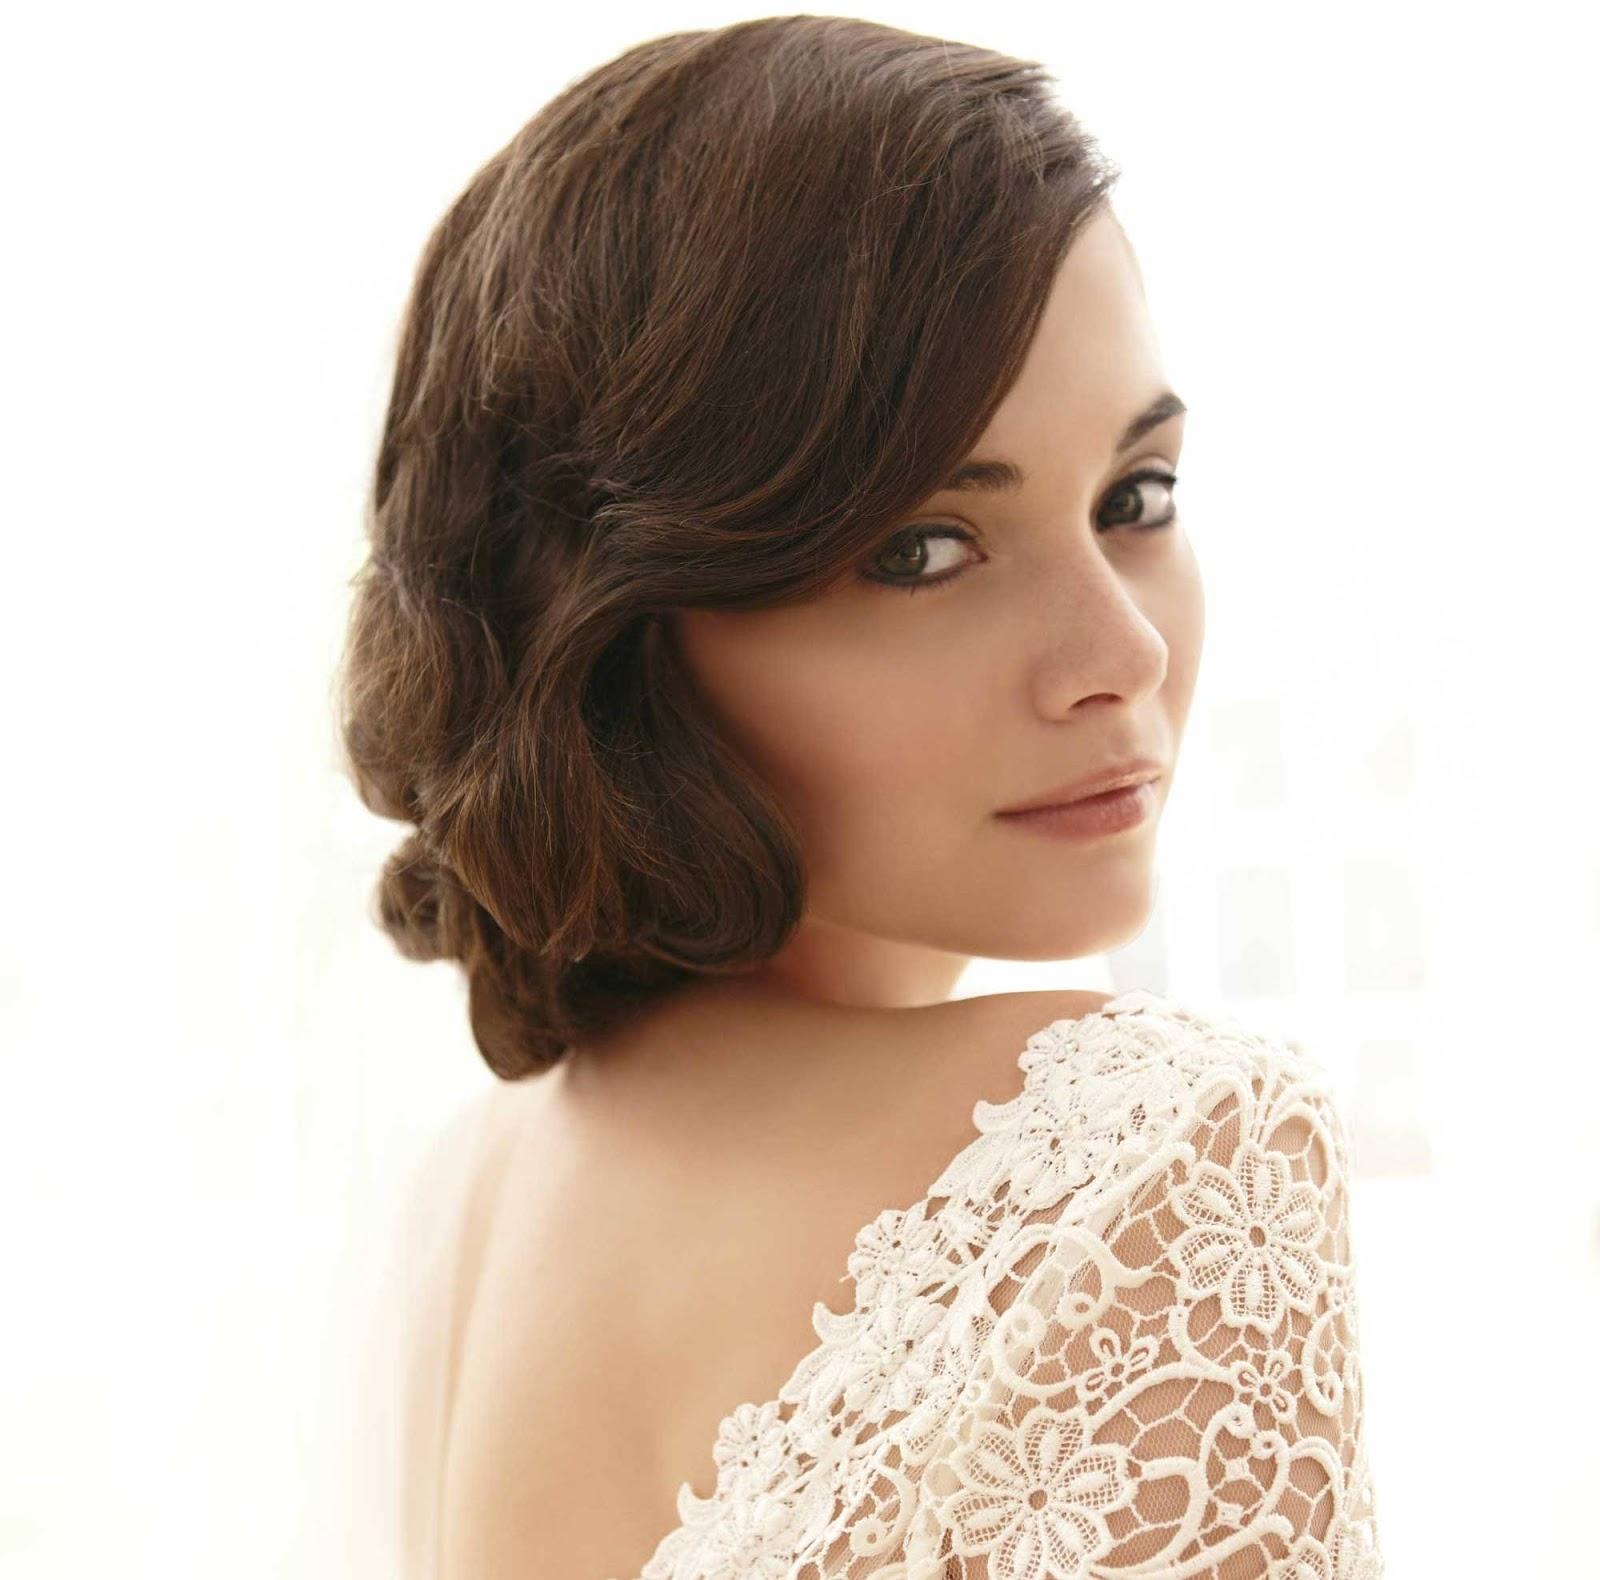 Peinados novias 2013 retro